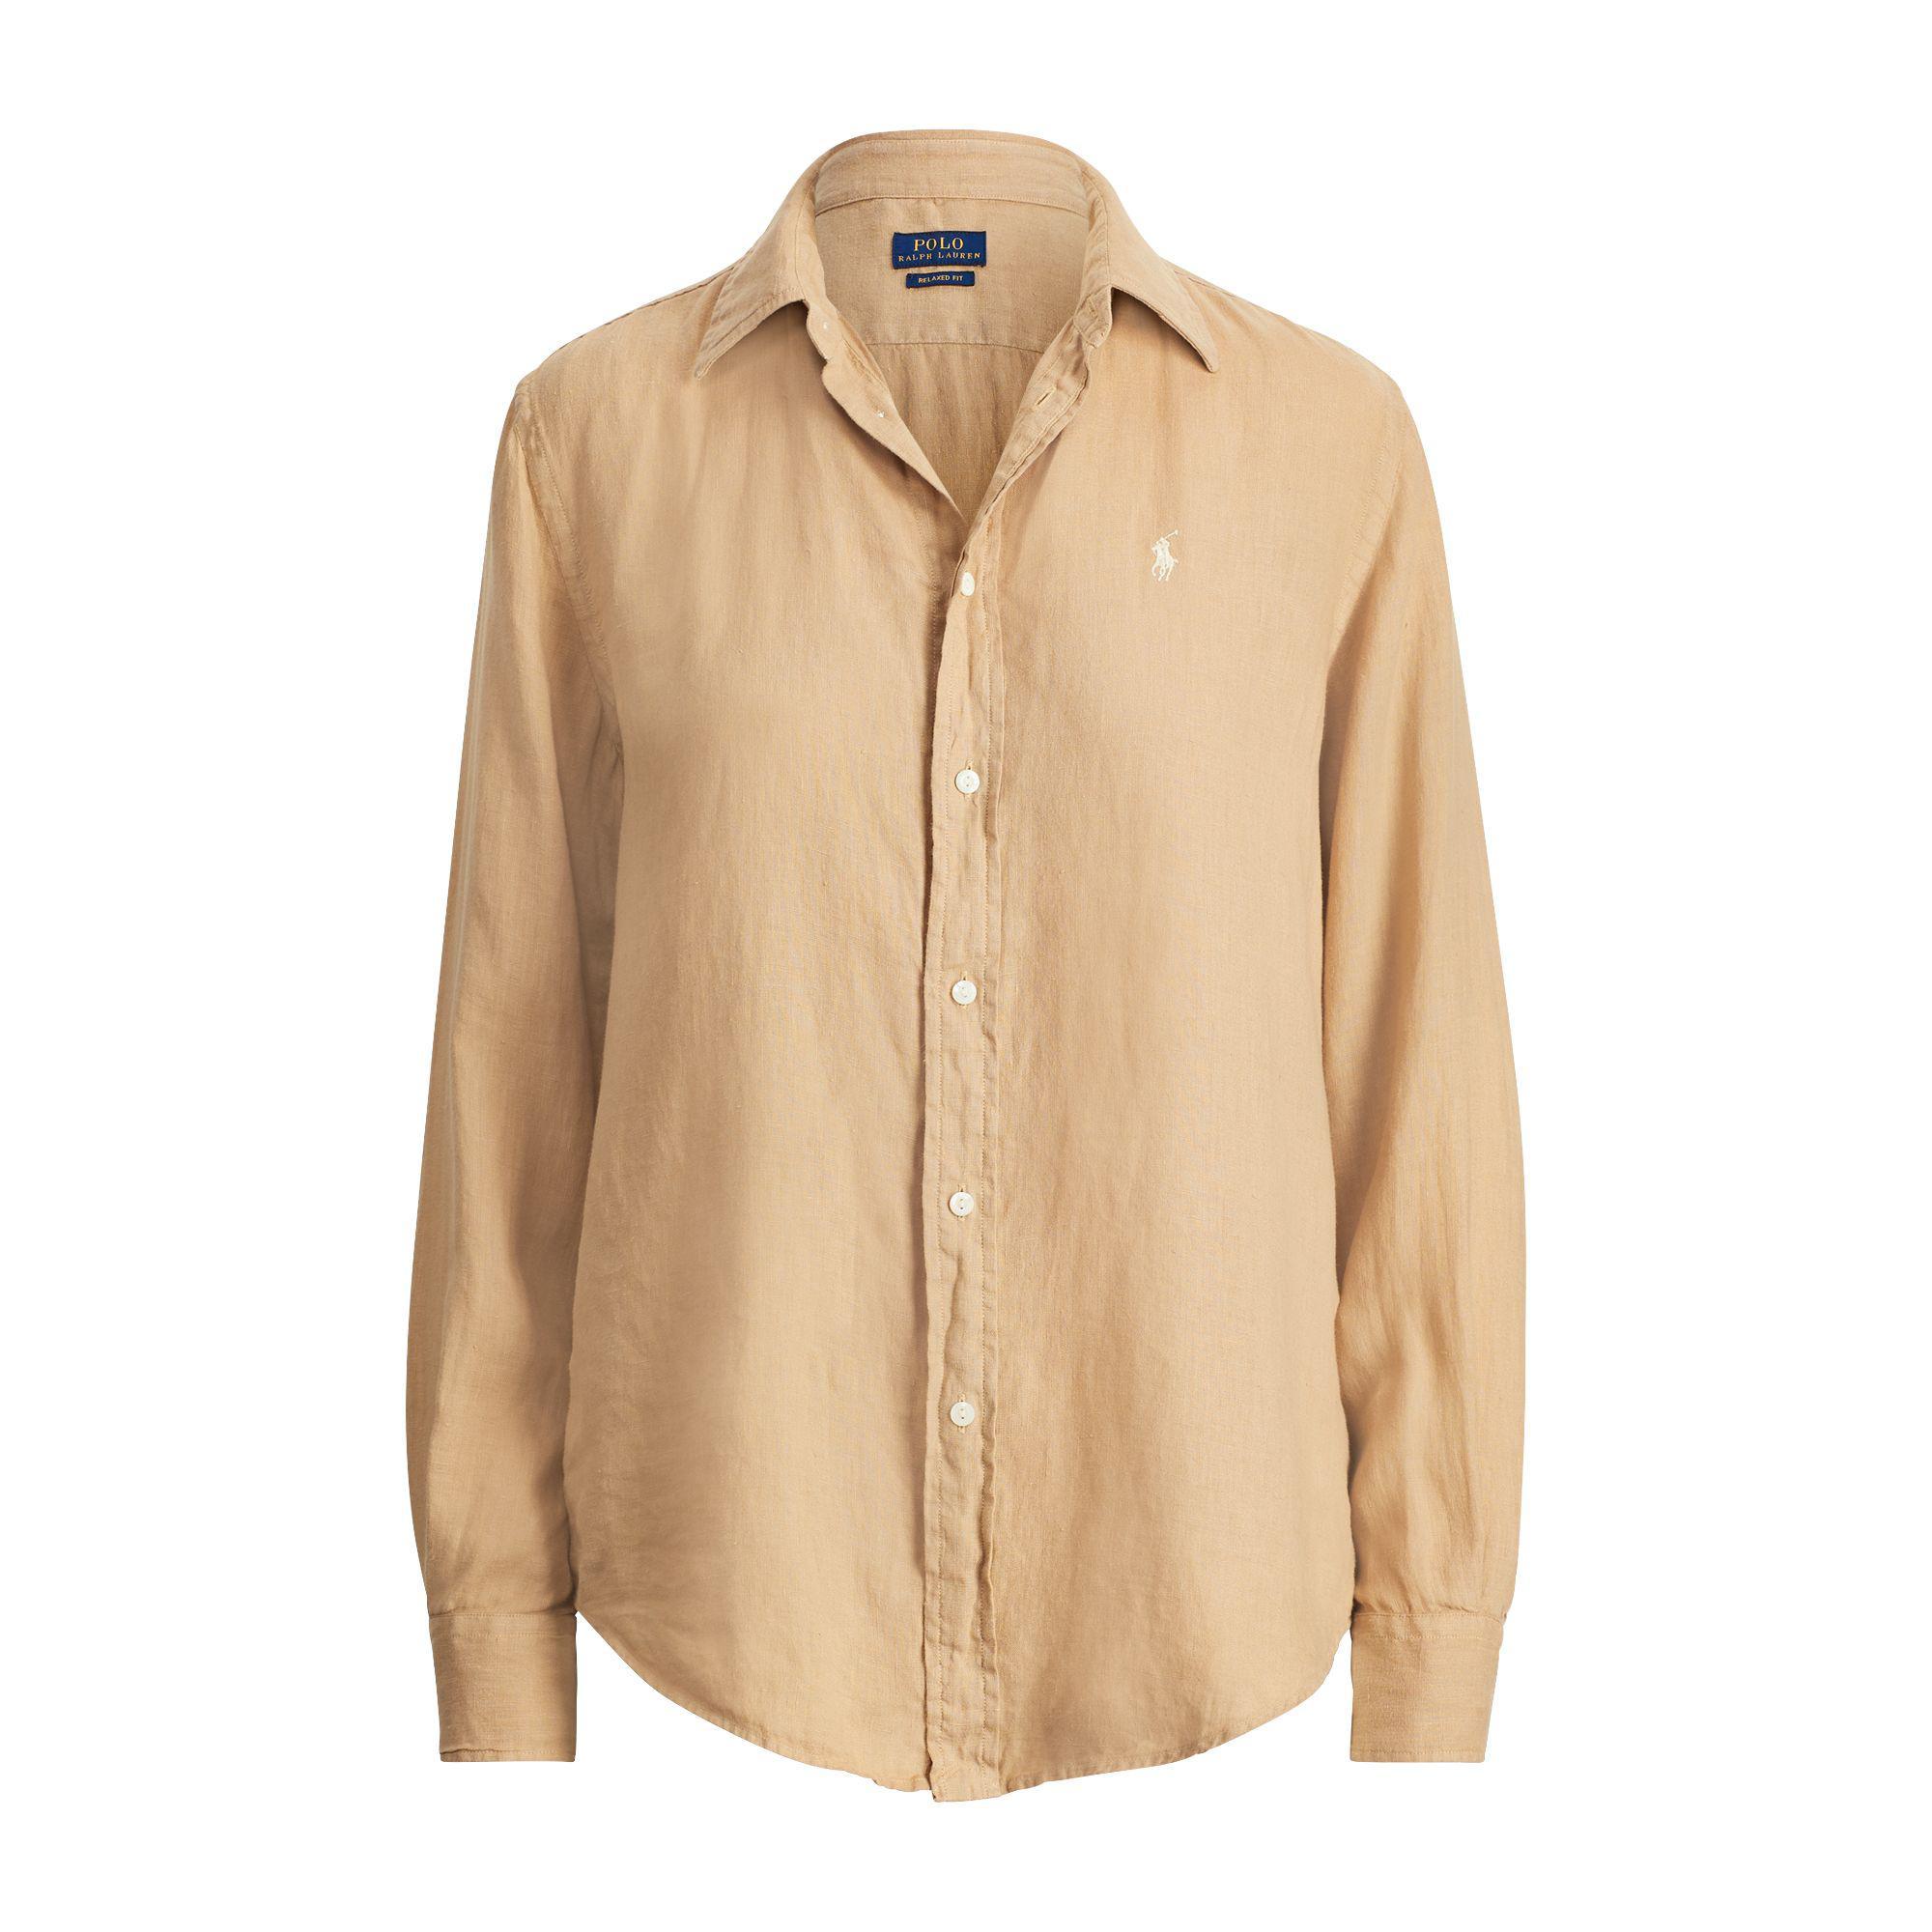 9b08519620f Polo Ralph Lauren Relaxed Fit Linen Shirt - Lyst